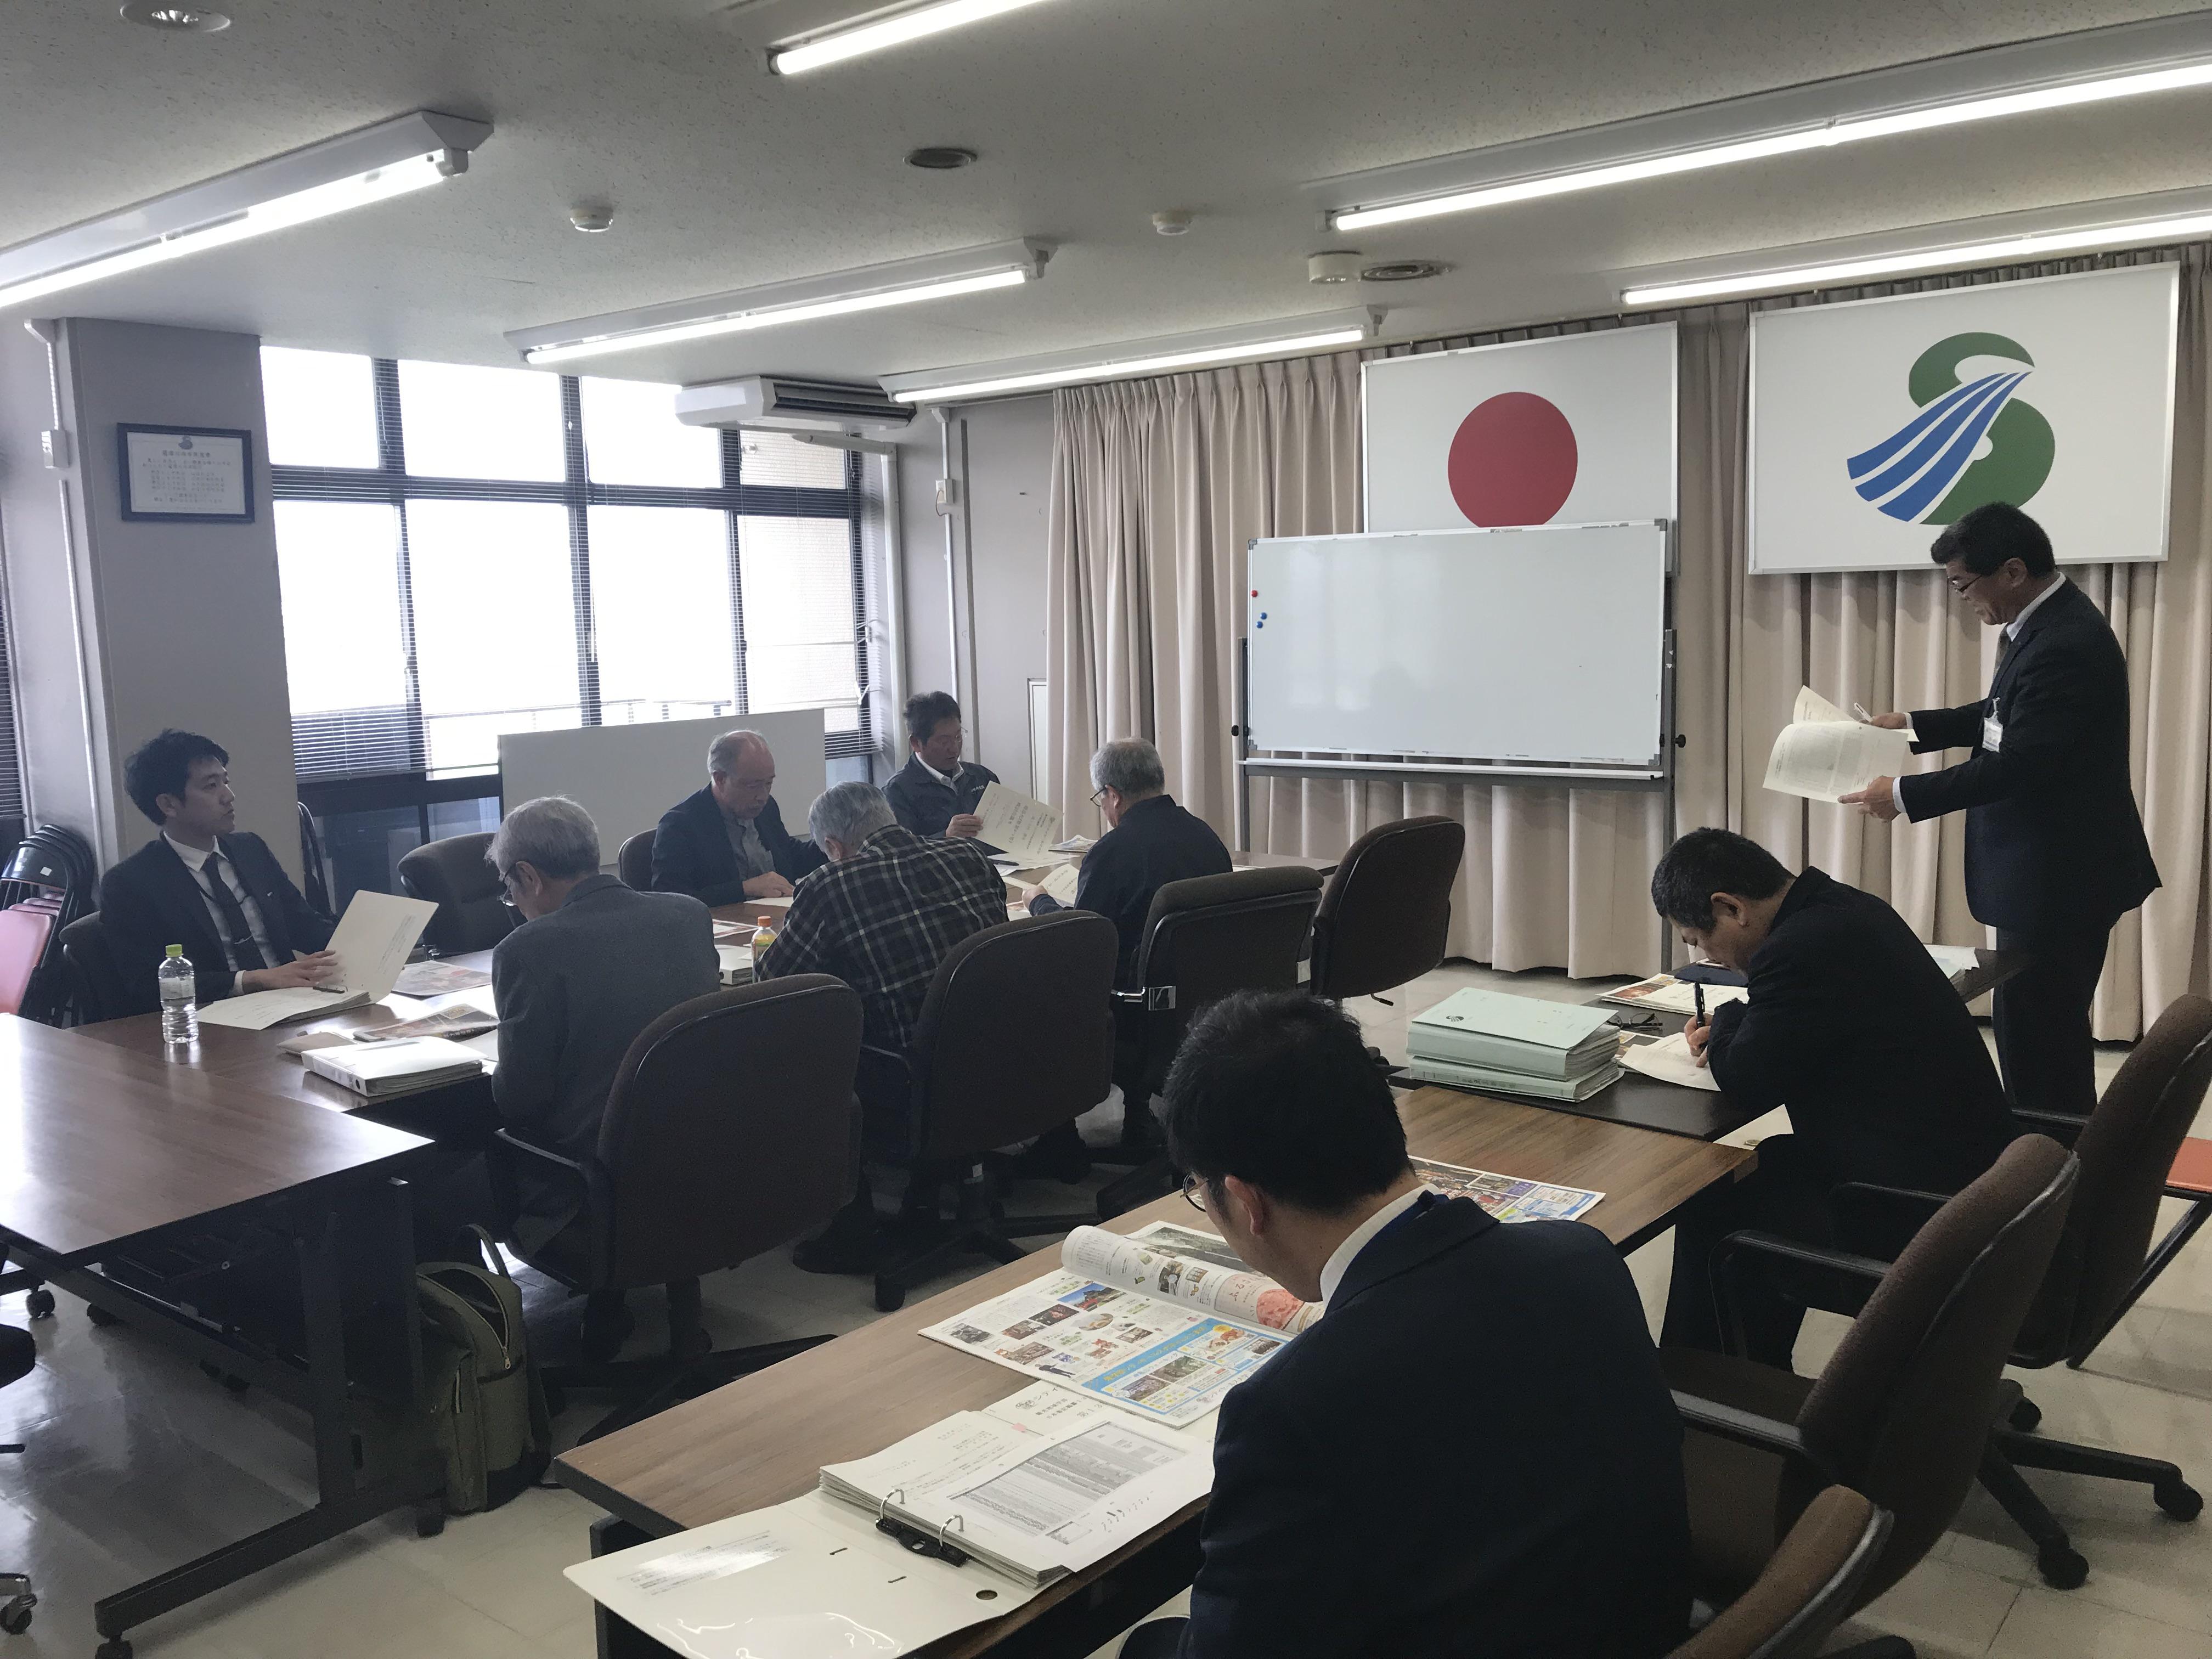 日本書紀編纂1300年記念事業学科 第14回講座のご案内